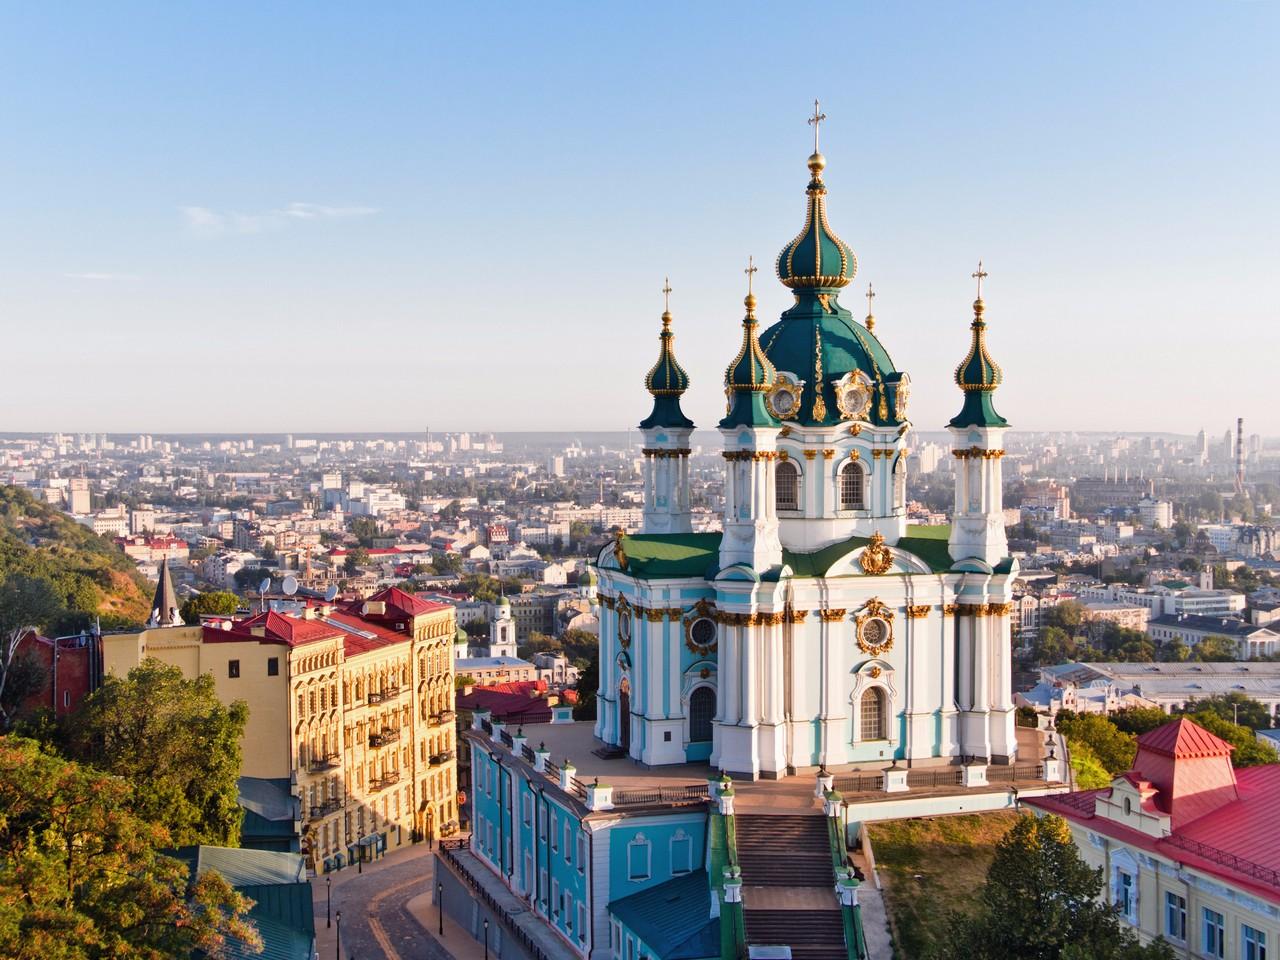 Церковная смута: Варфоломею и Порошенко ещё долго будет куда вгрызаться